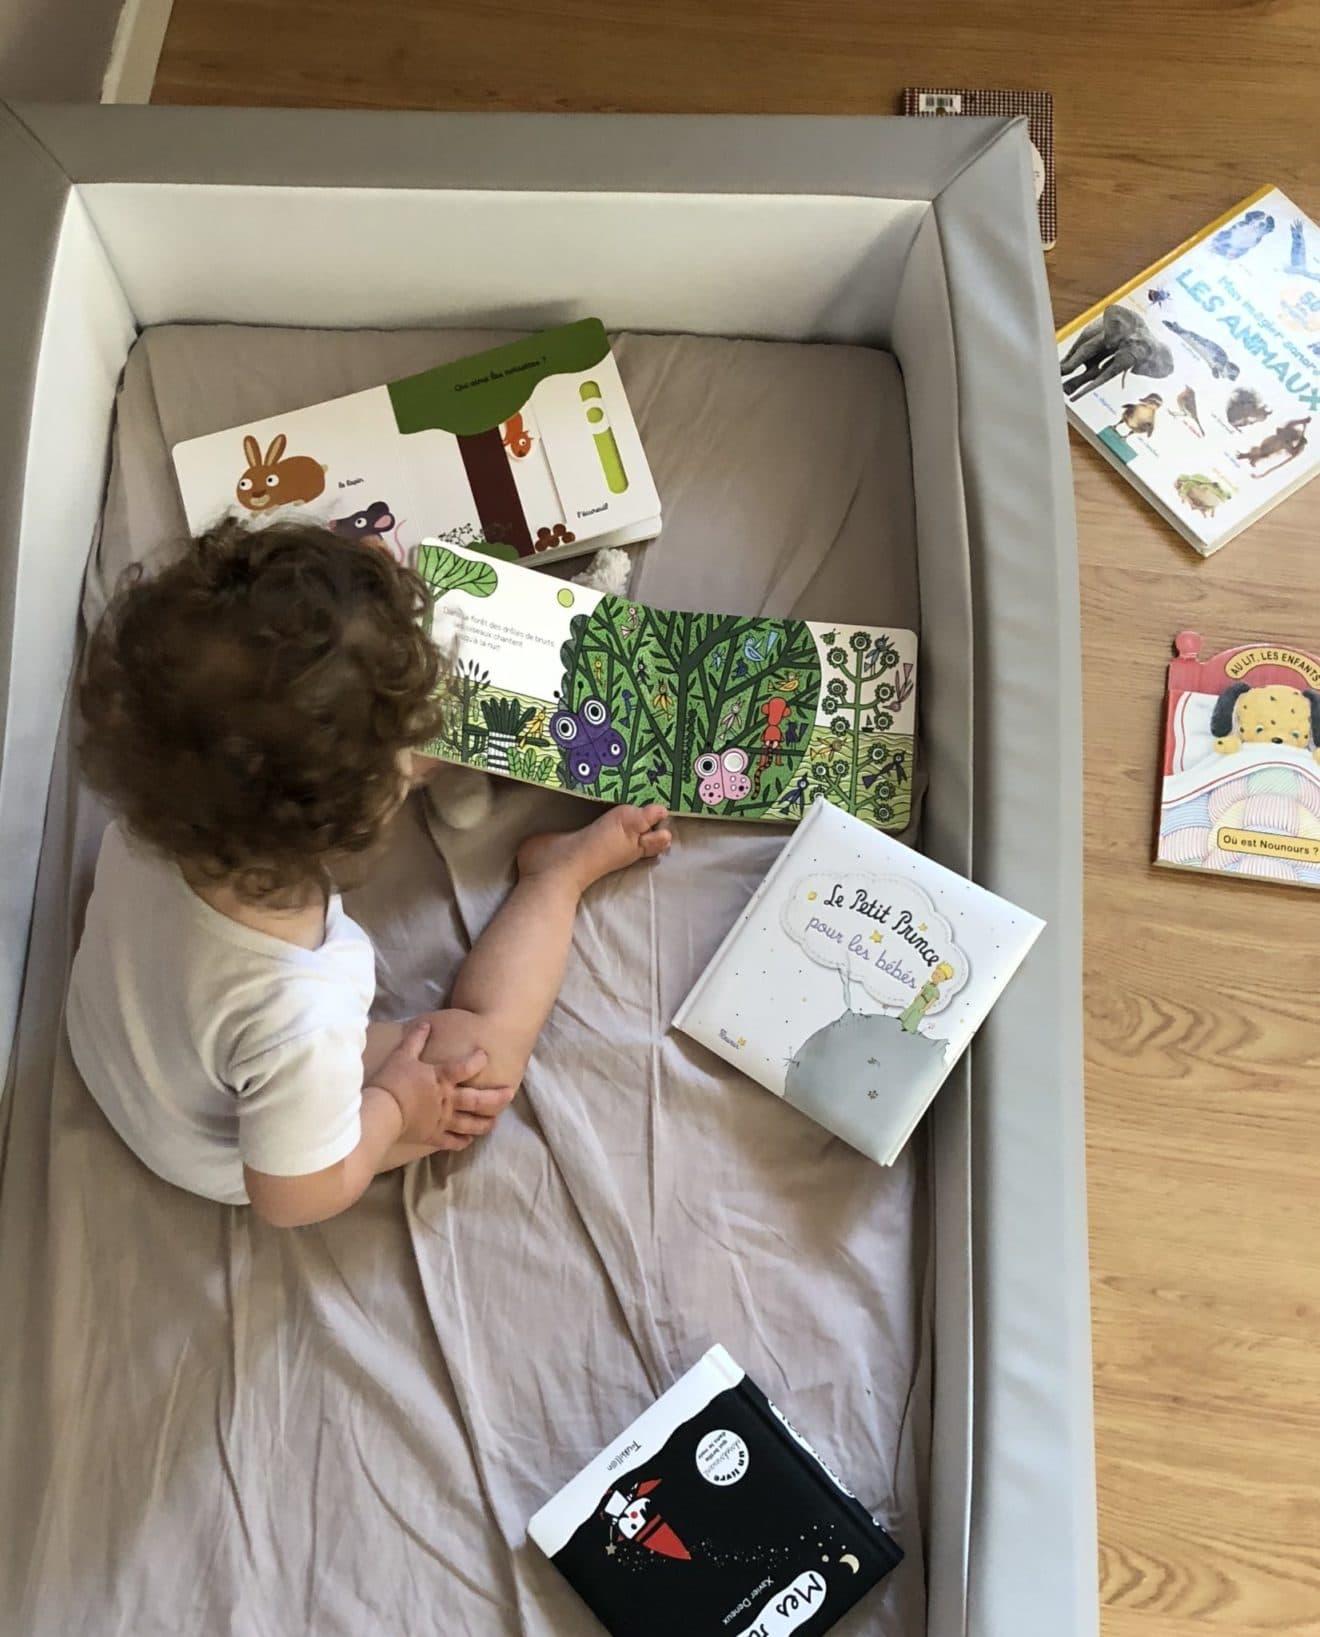 Lit Au Sol Montessori Quel Age lit au sol - comment j'ai changé de vie